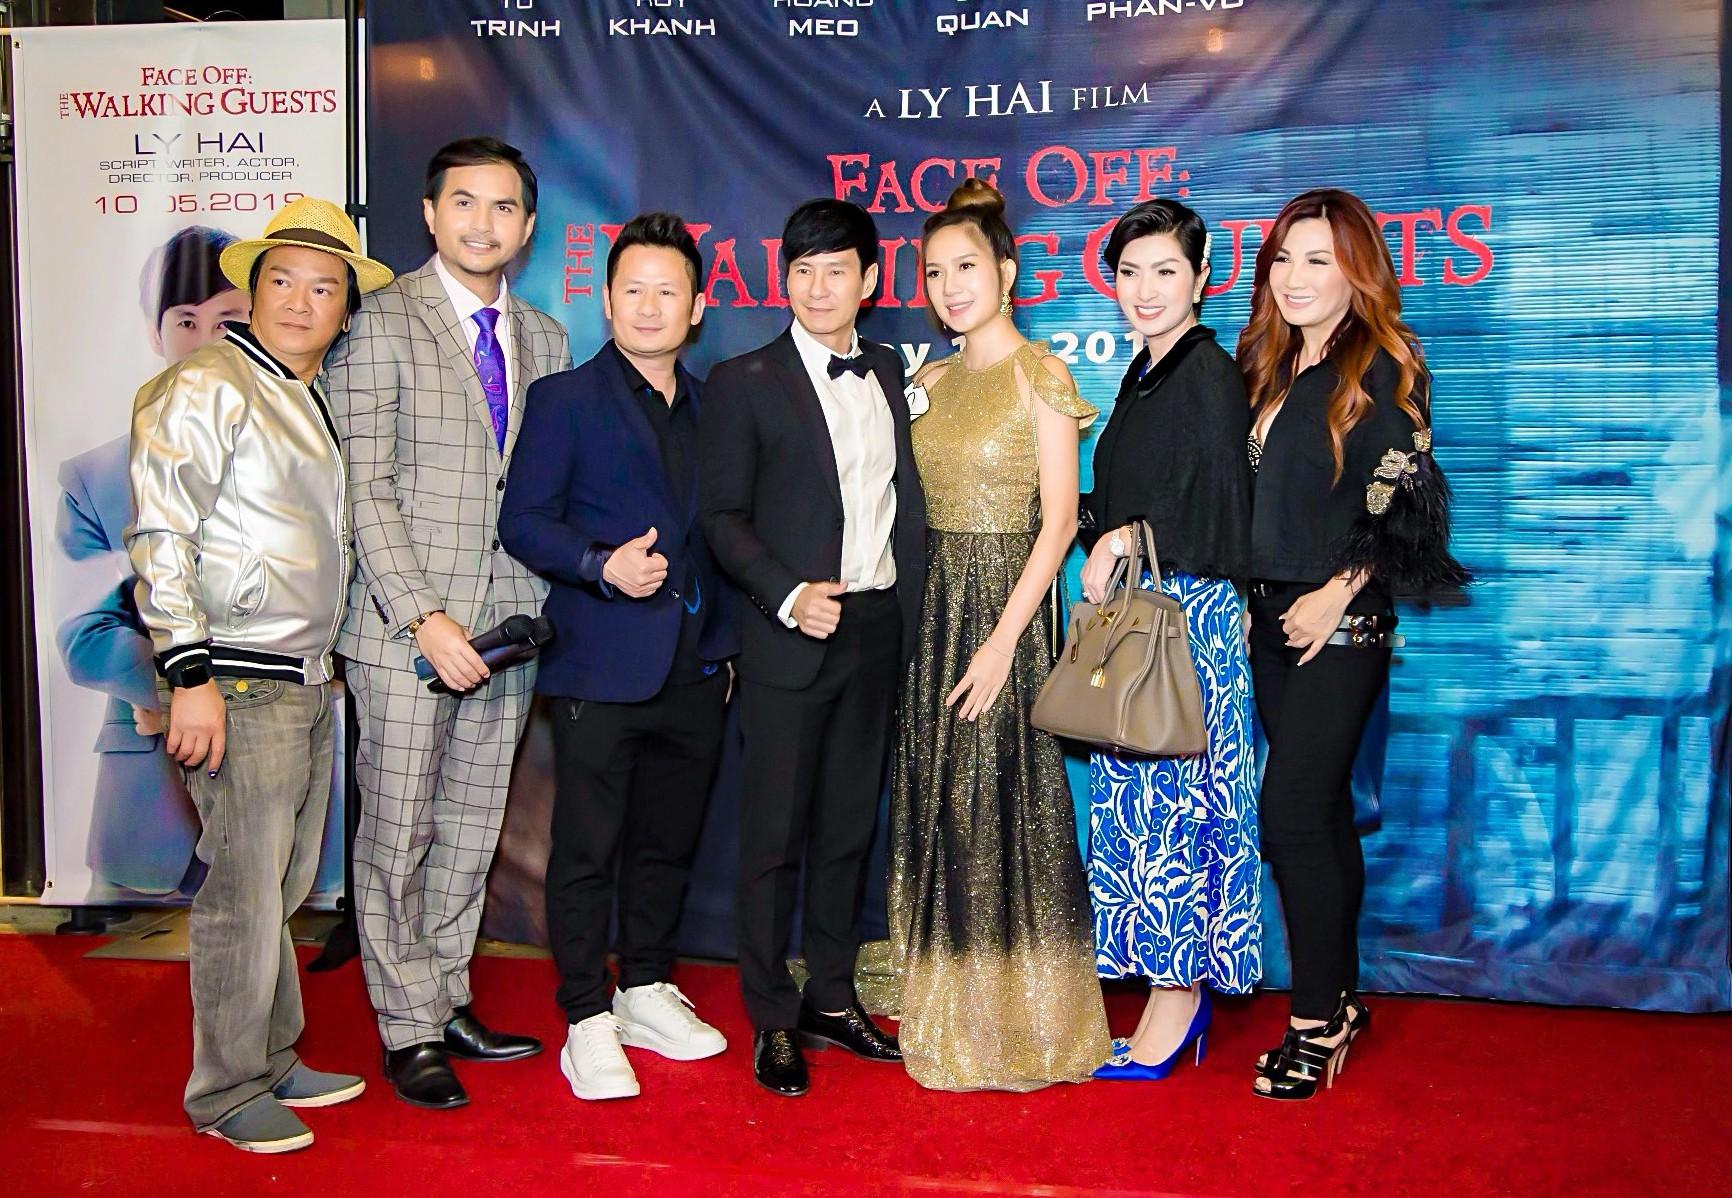 Vợ chồng Lý Hải - Minh Hà rạng rỡ trong ngày đưa phim sang Mỹ - Ảnh 1.